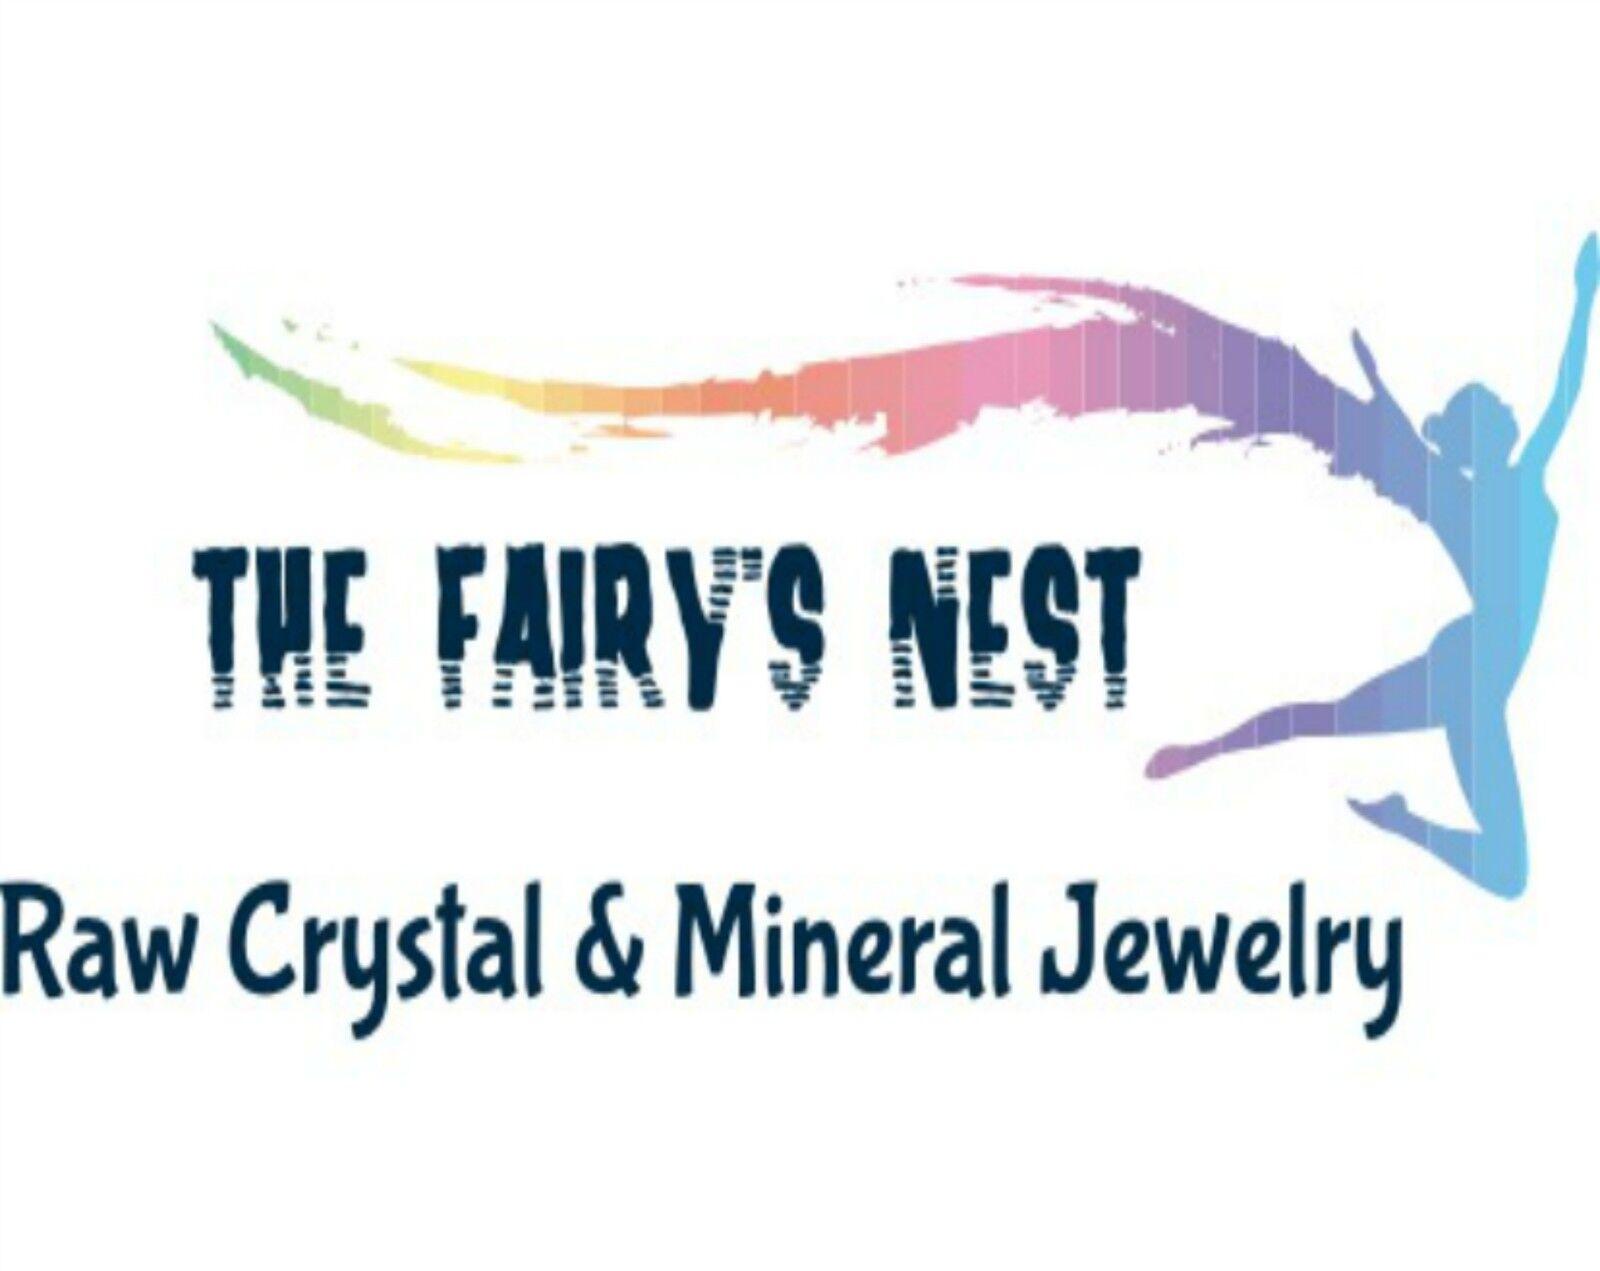 THE FAIRY'S NEST